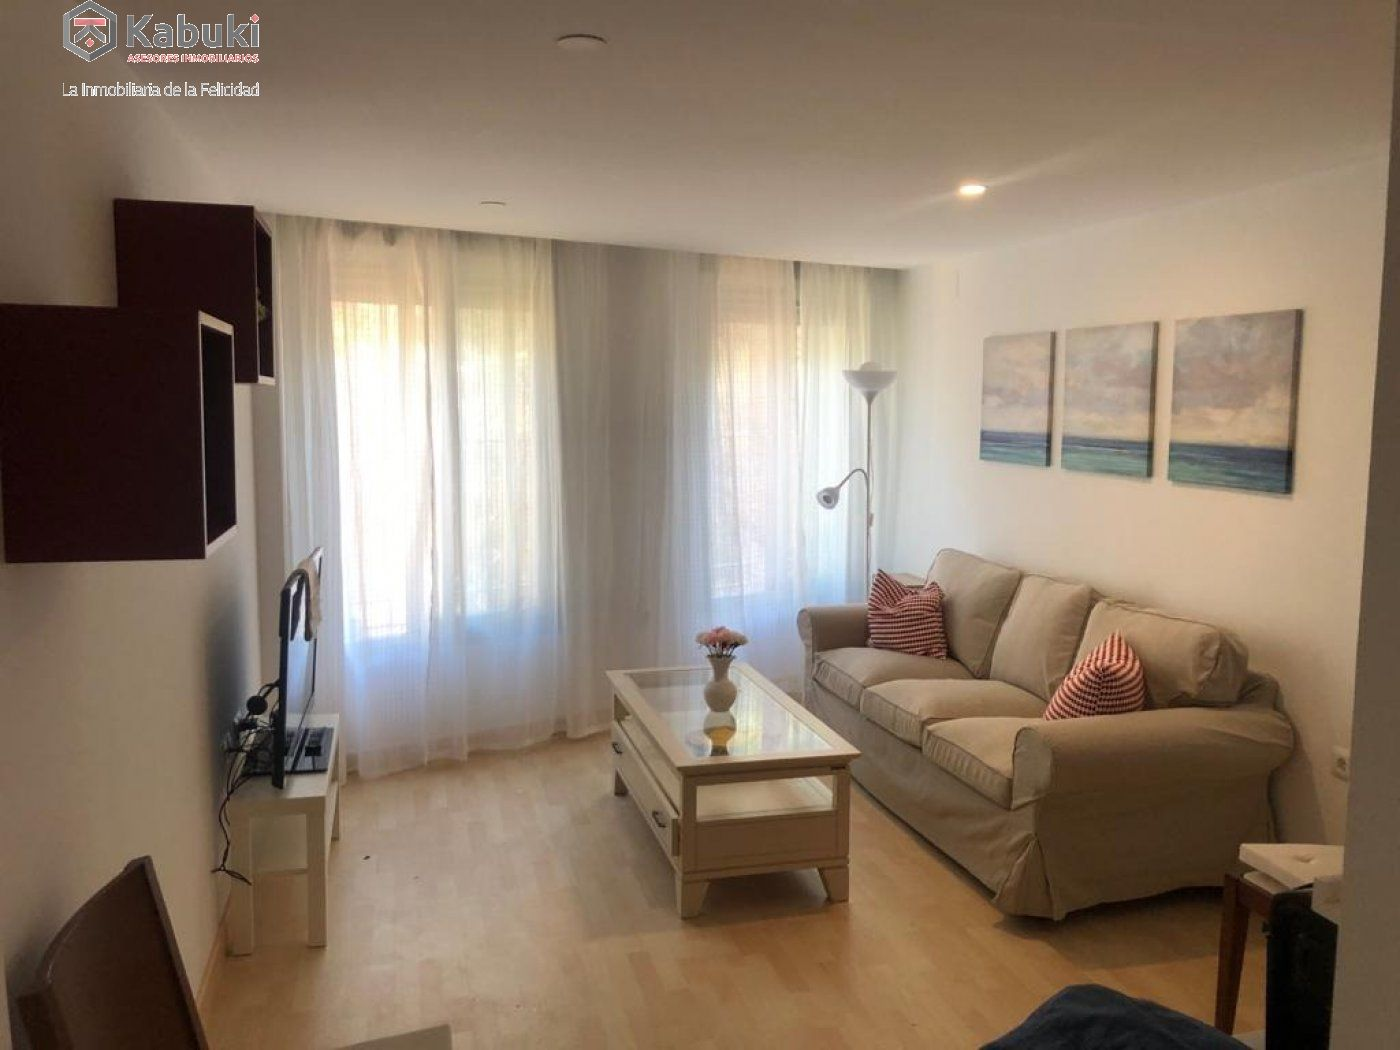 Coqueto y luminoso apartamento en un entorno privilegiado junto a los cahorros - imagenInmueble13